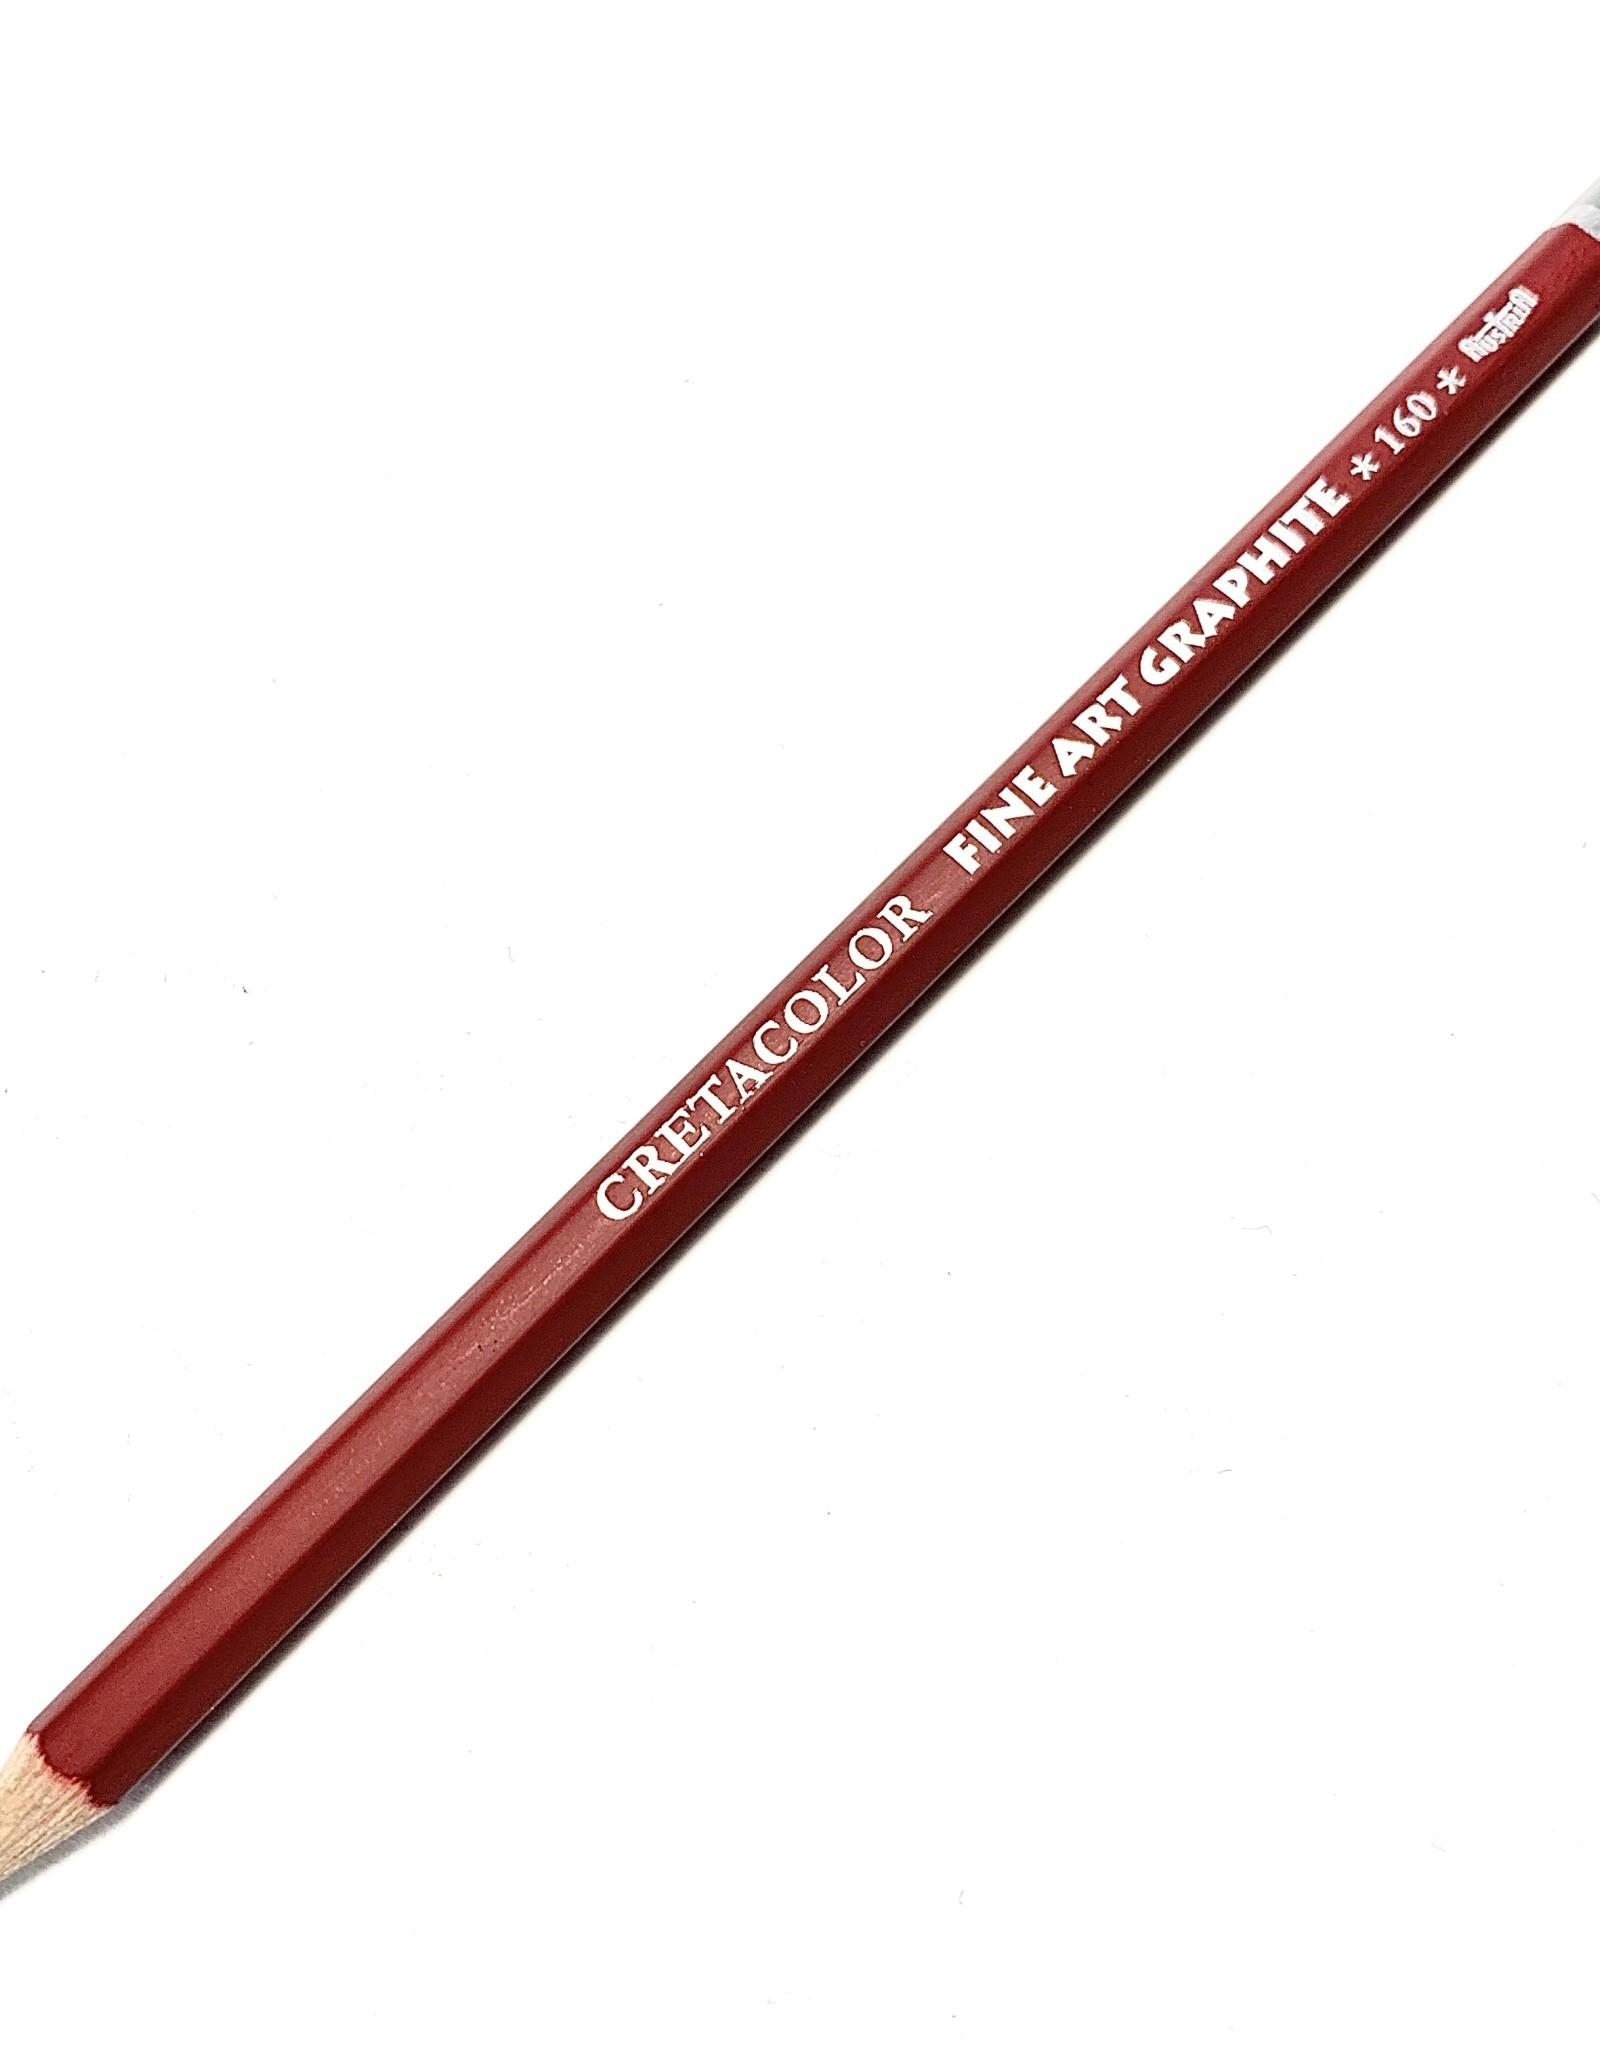 Cretacolor Graphite Pencil, 2H